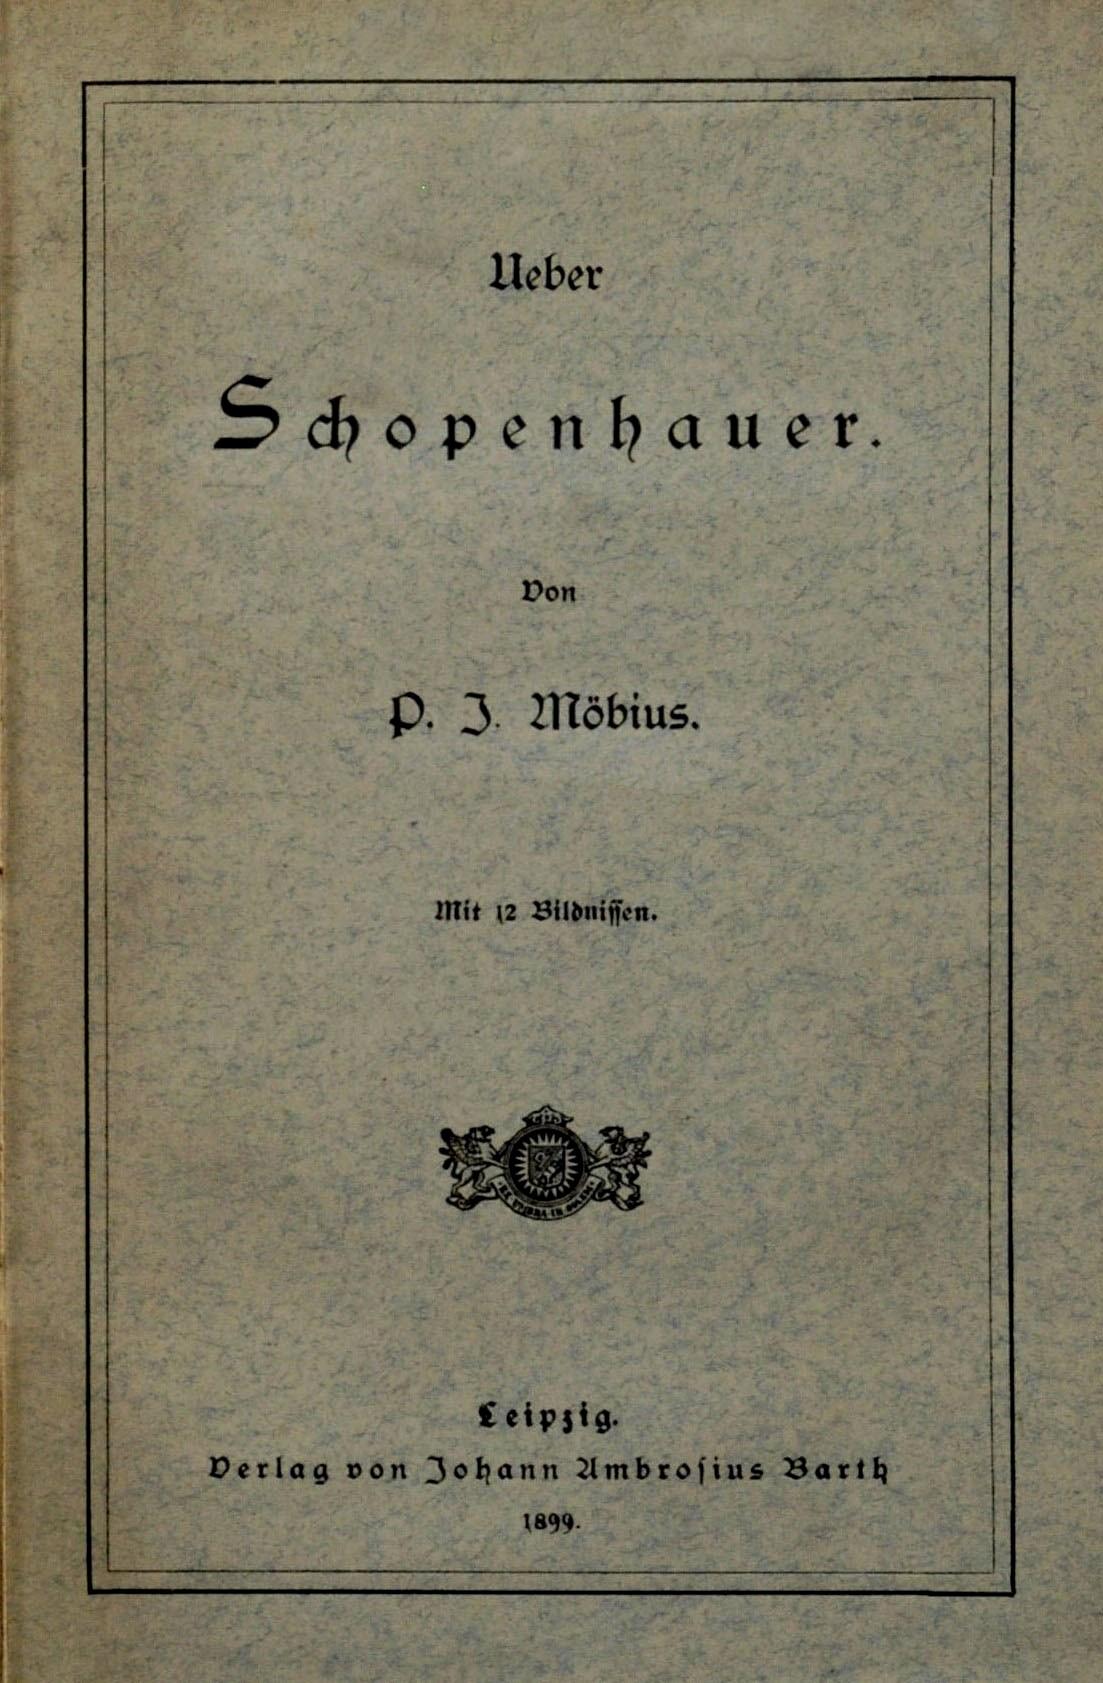 File:1899 Möbius Ueber Schopenhauer jpg - Wikimedia Commons